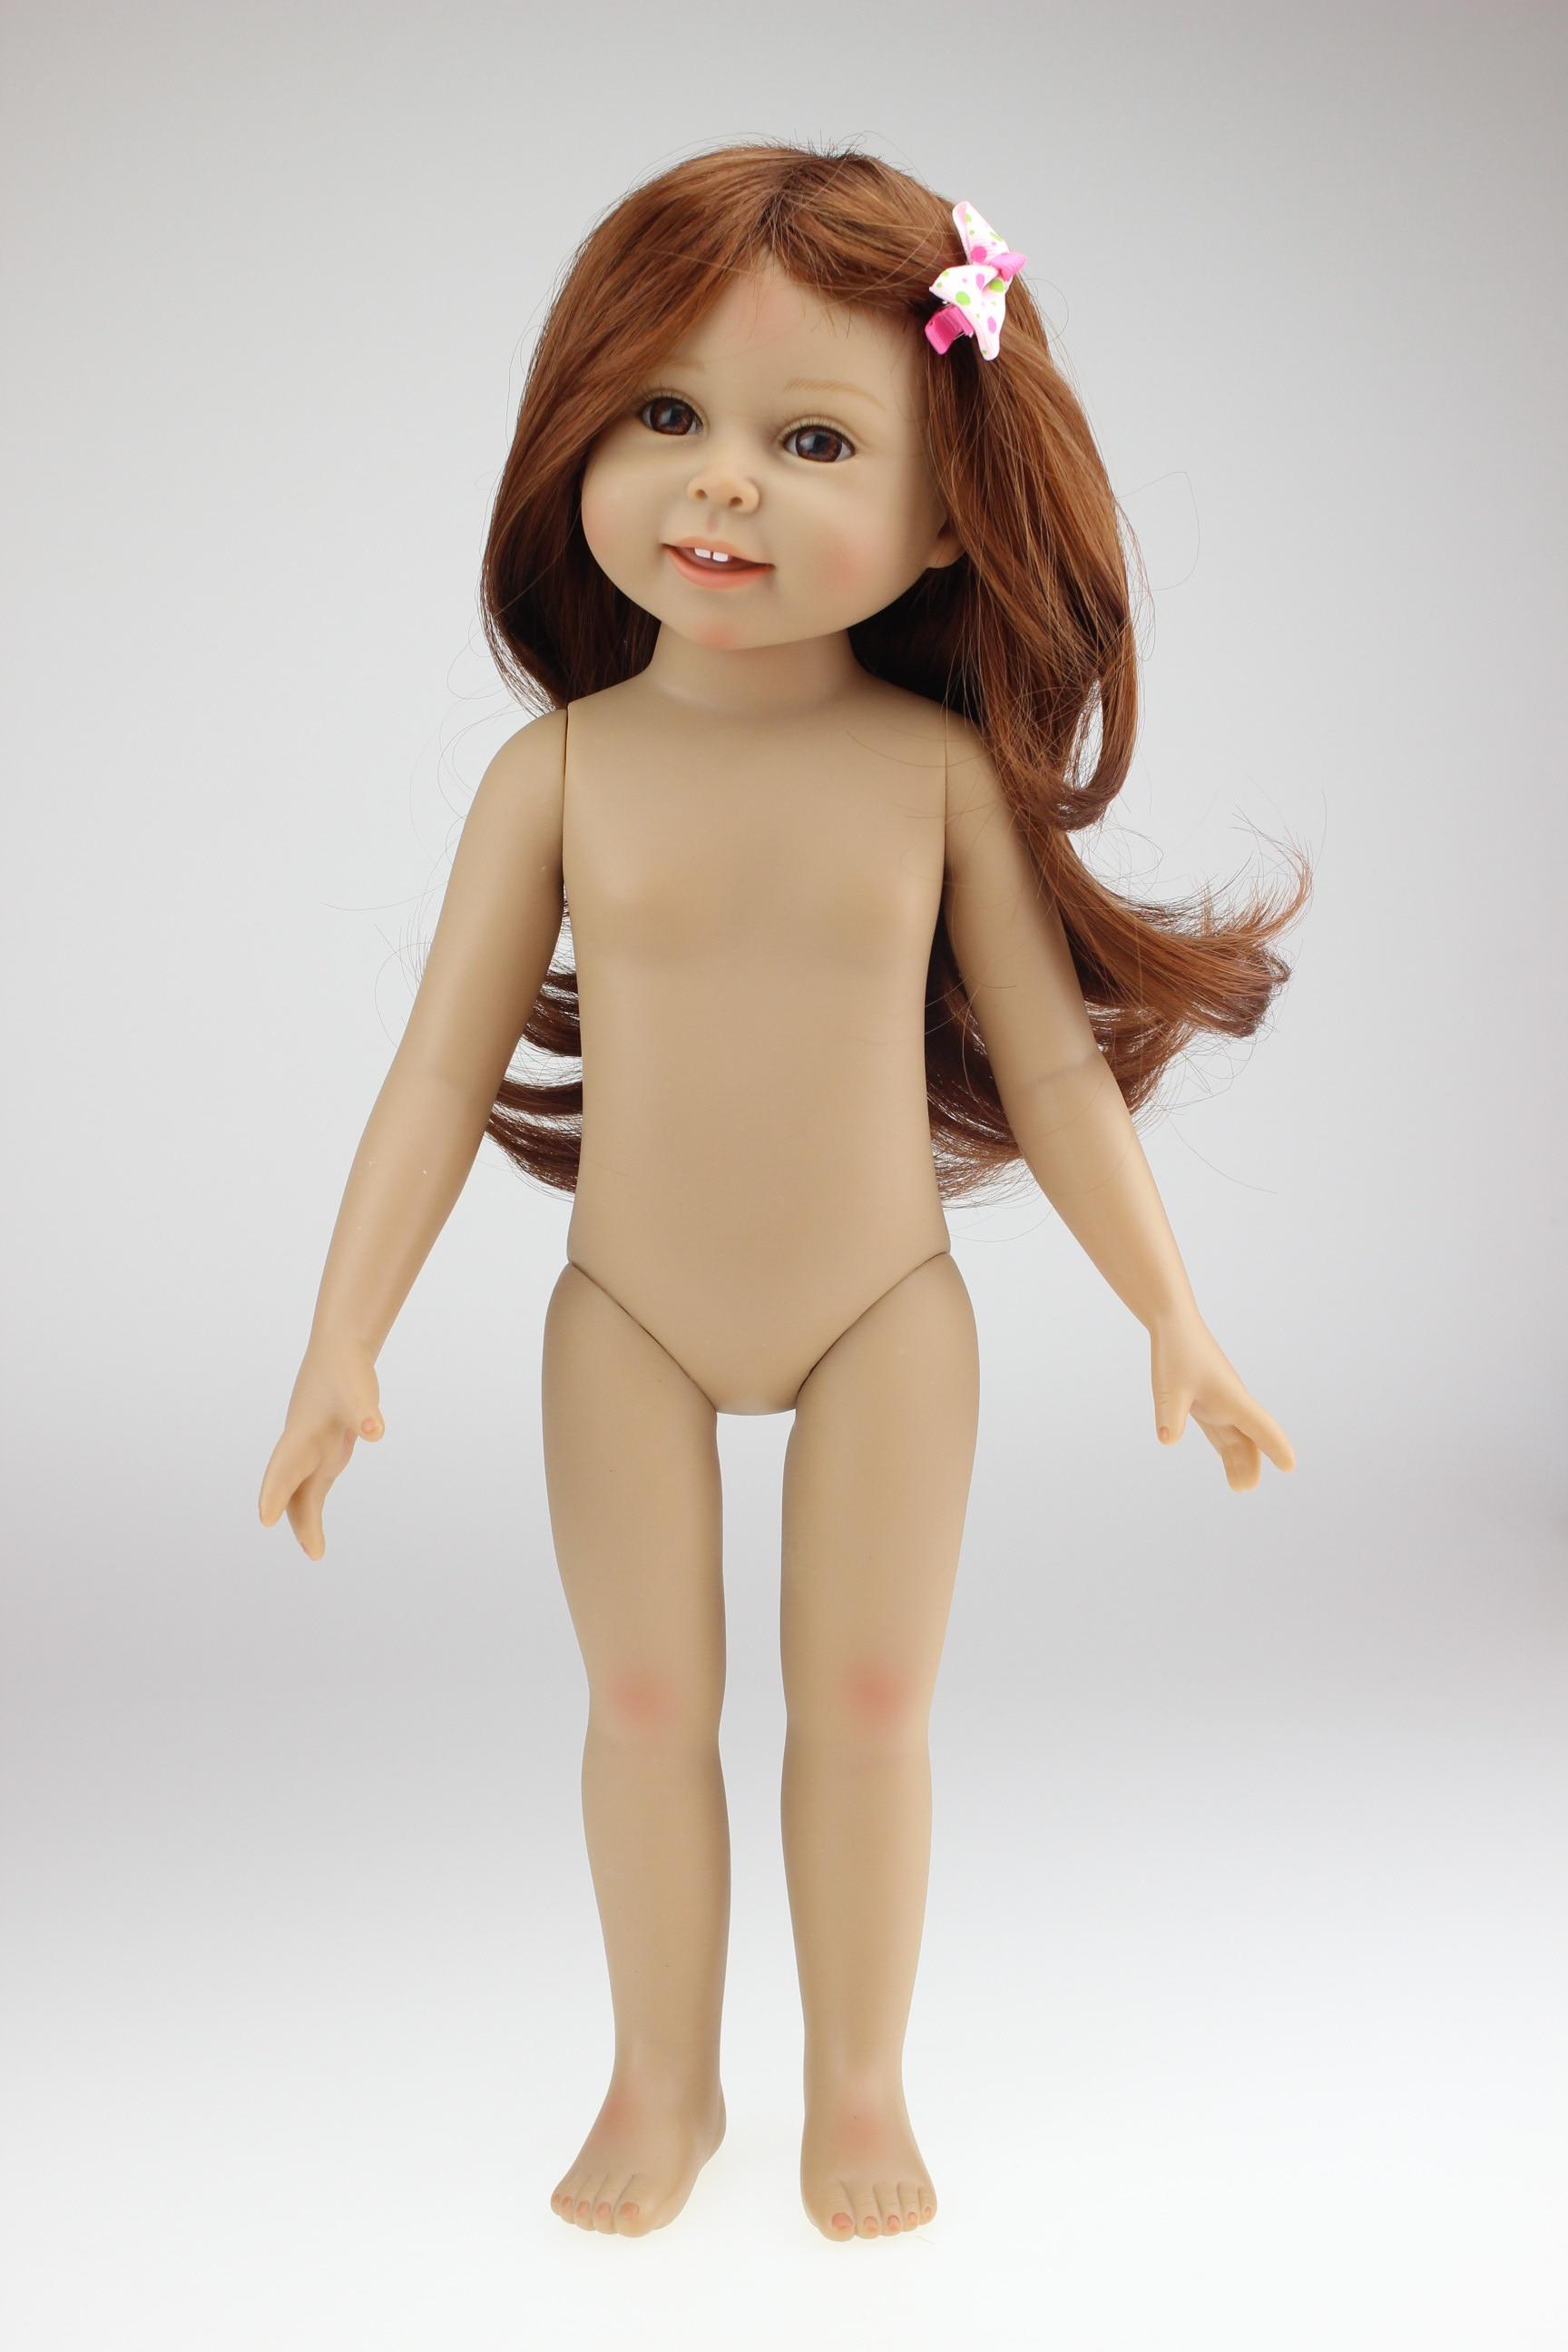 Naked-Girls Kidslsbarjpg4Us Innocent-Naked-Girls-5558